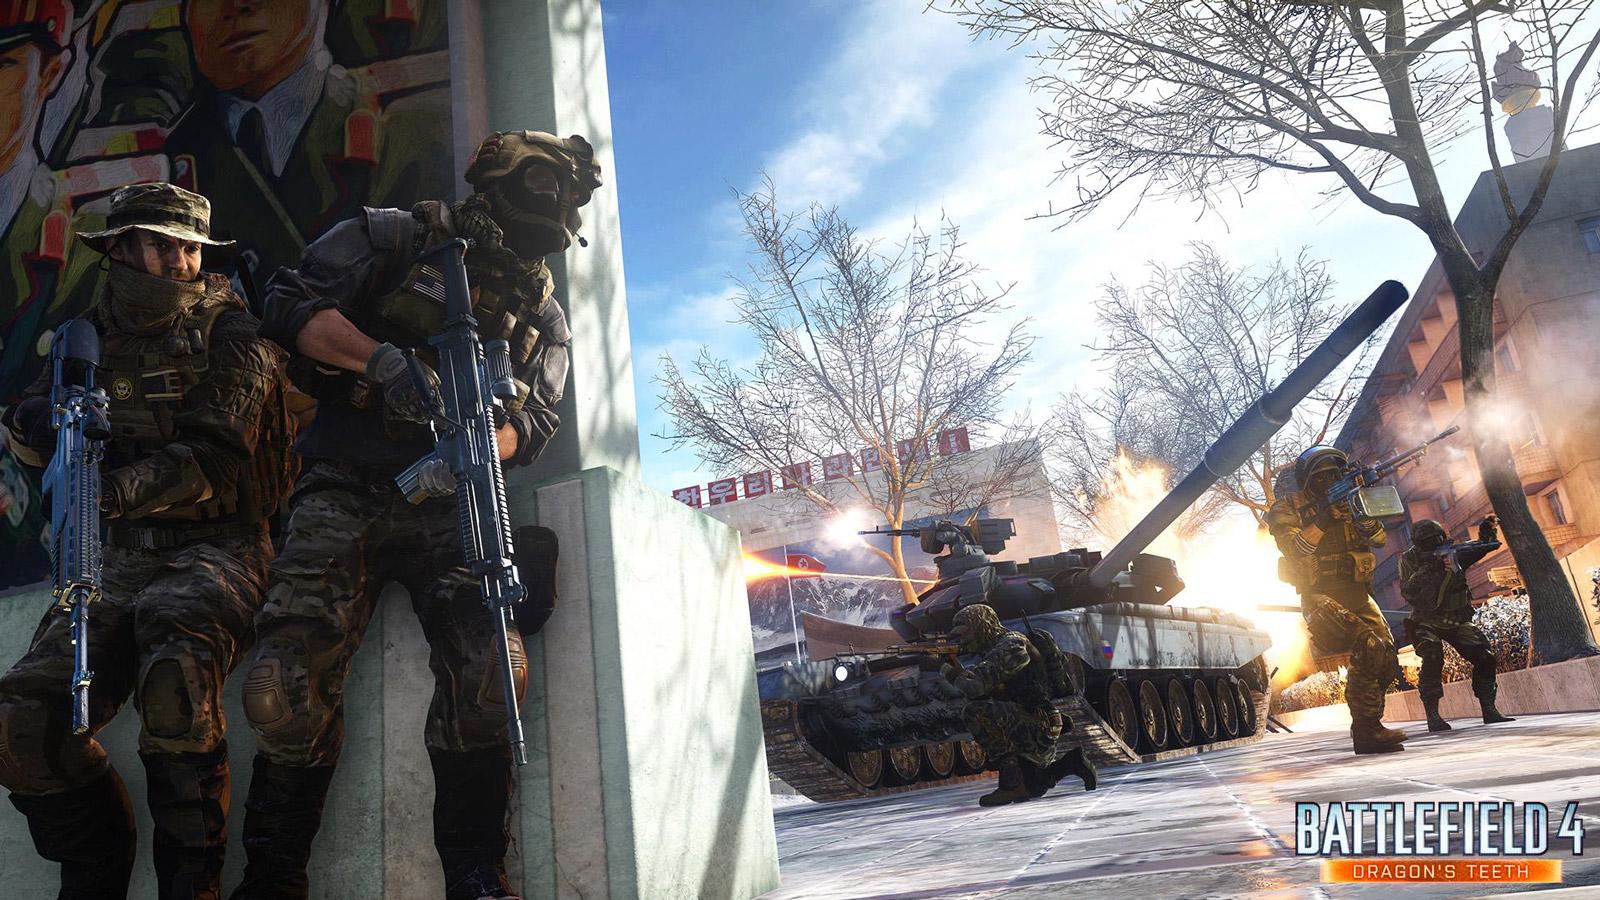 Battlefield 4 Wallpaper in 1600x900